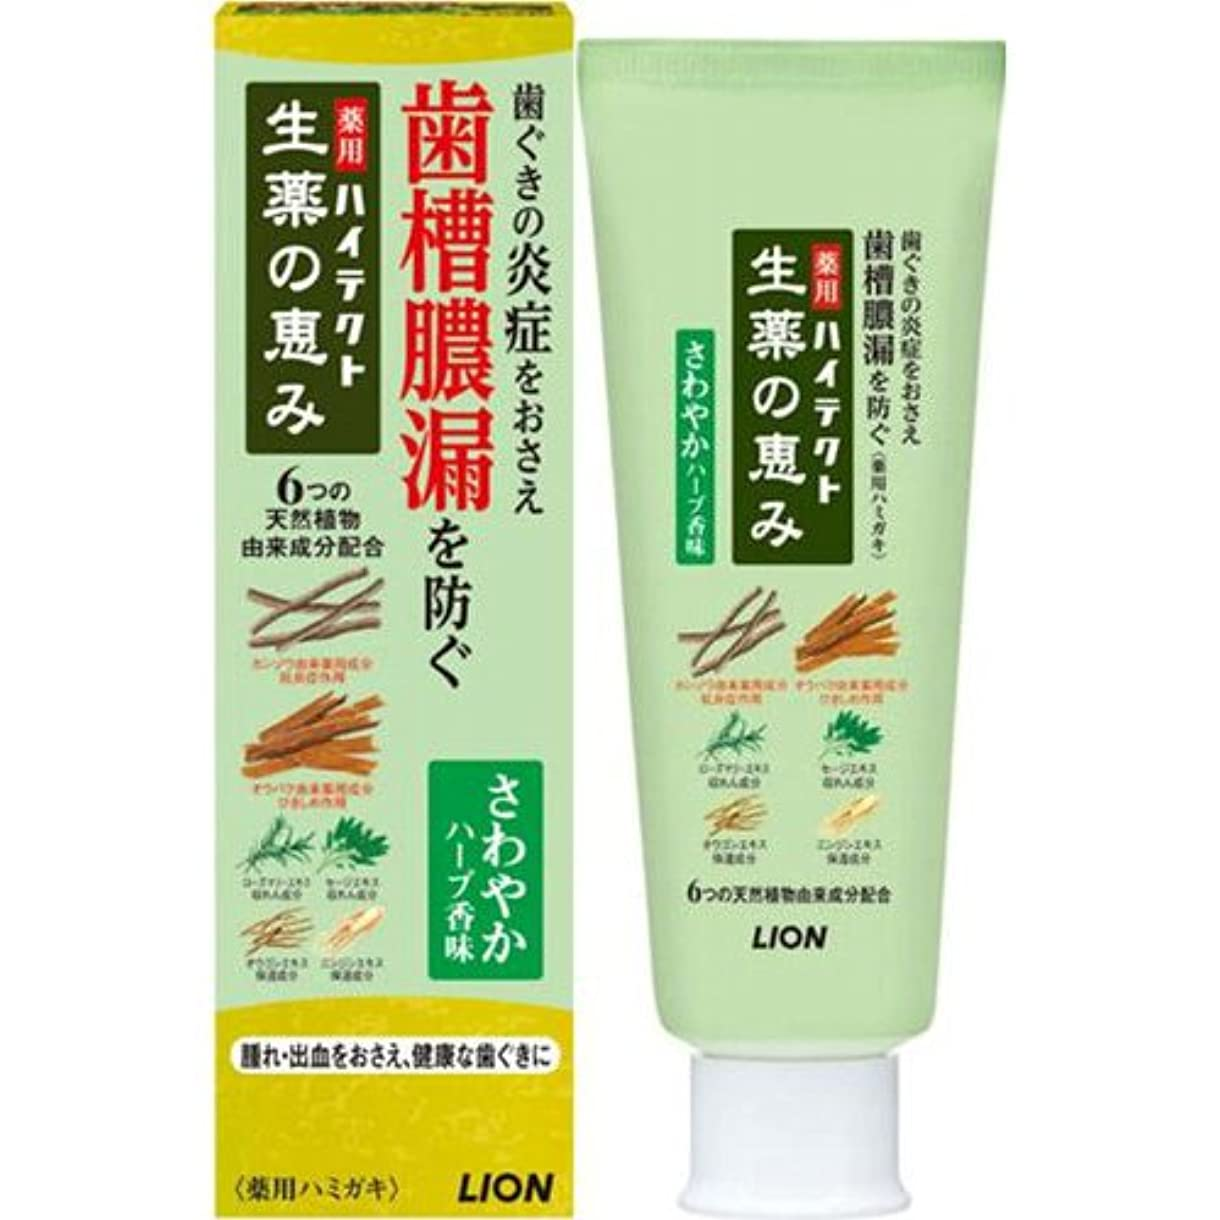 発言するクスコ称賛【ライオン】ハイテクト 生薬の恵み さわやかハーブ香味 90g ×3個セット